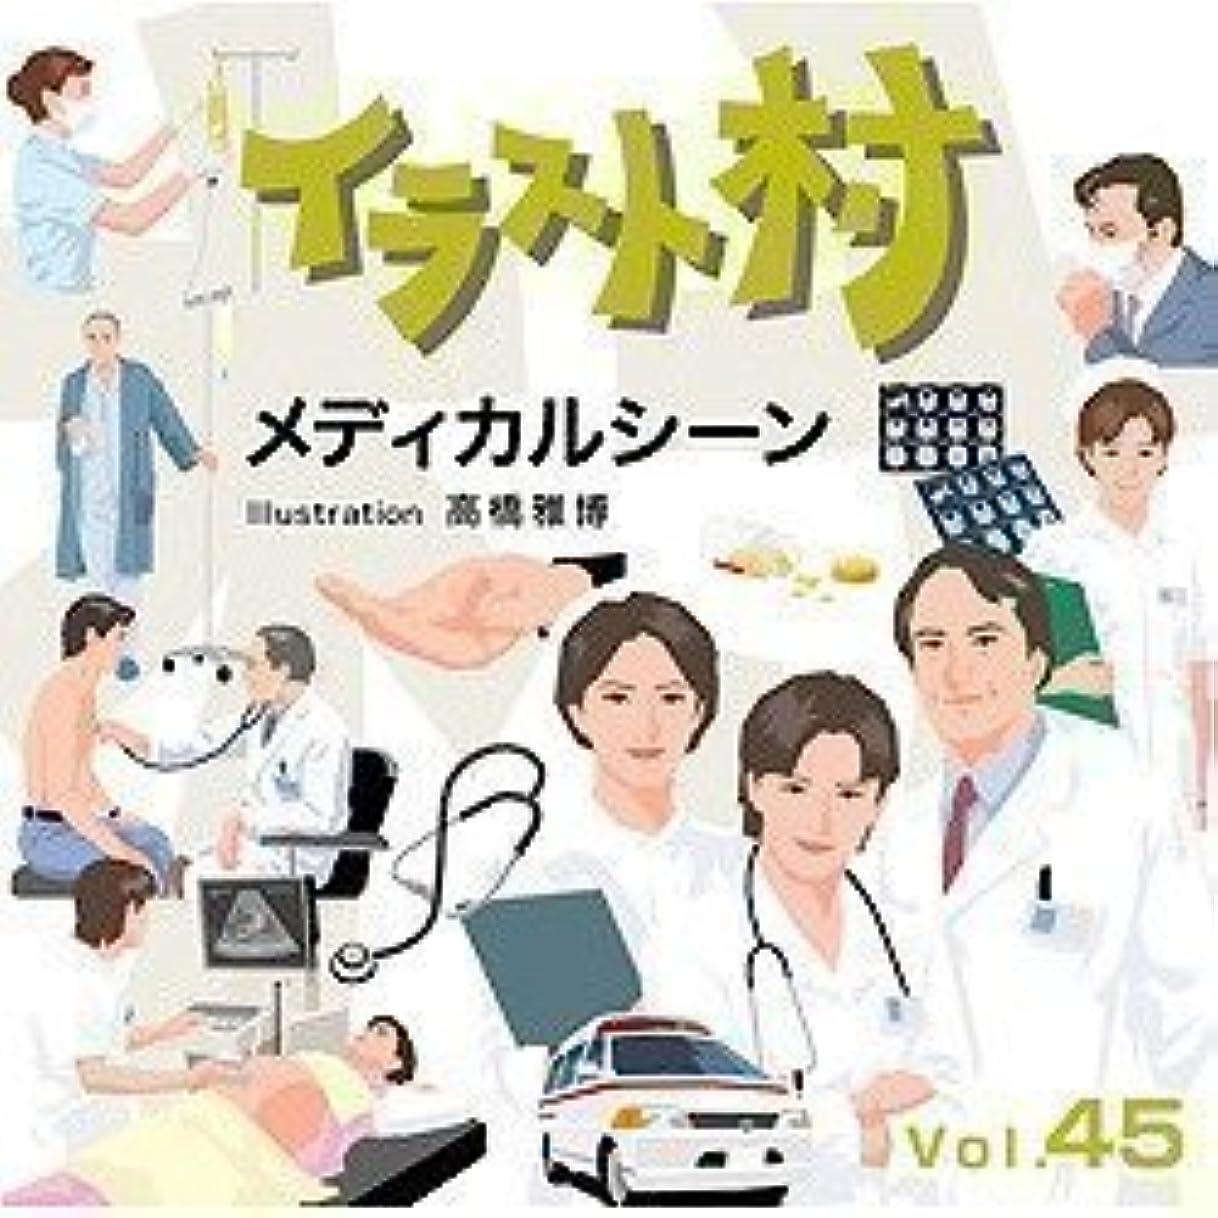 リズム調べる敵意イラスト村 Vol.45 メディカルシーン